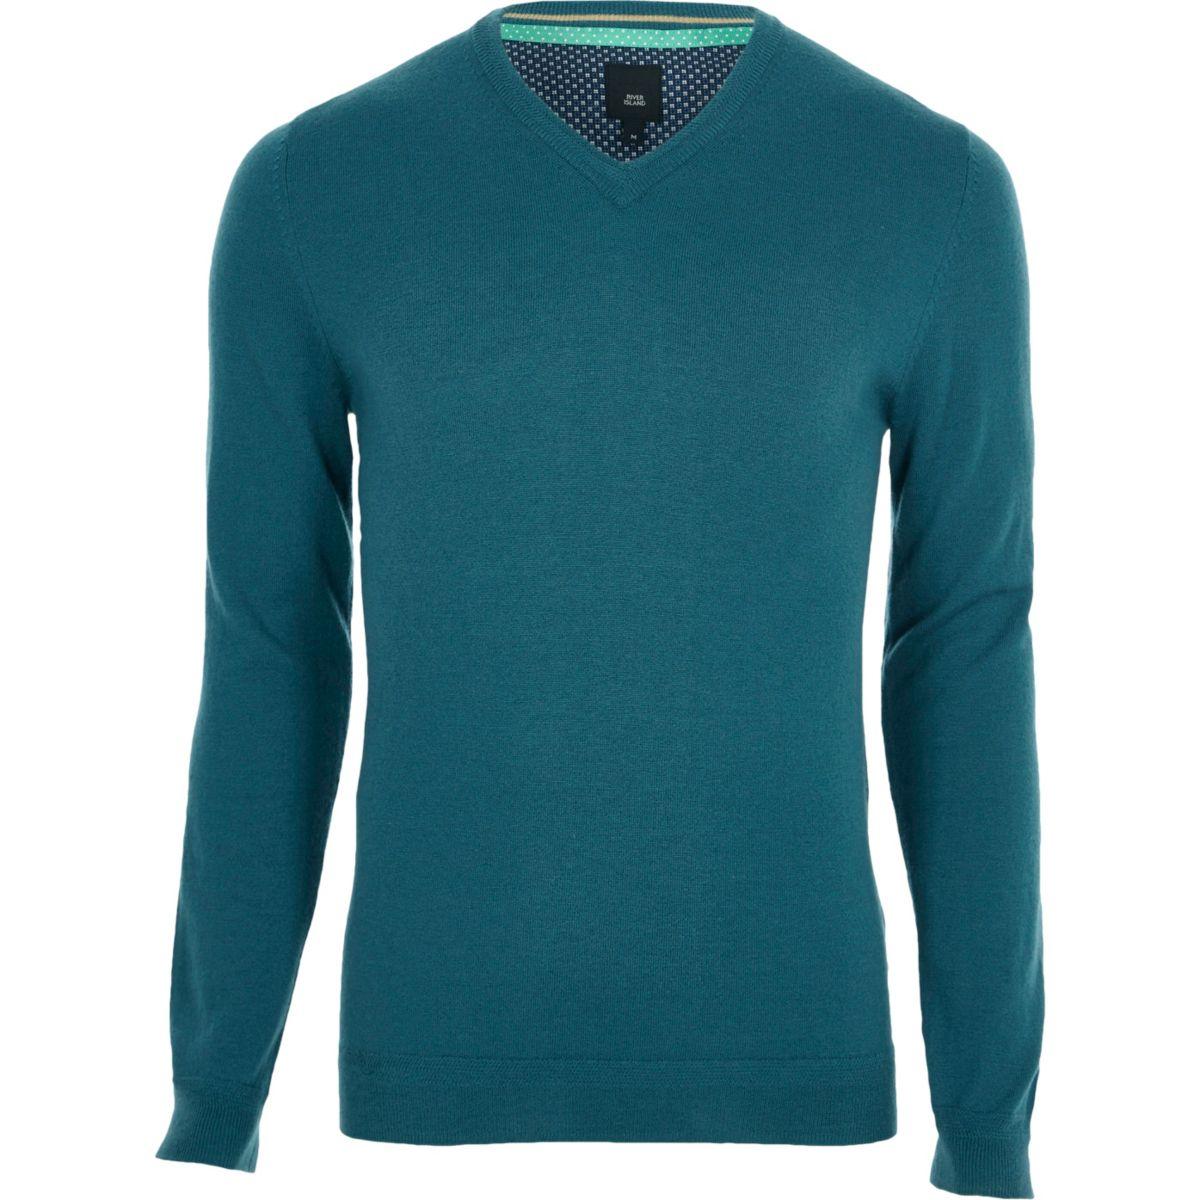 Teal blue cashmere blend V neck sweater